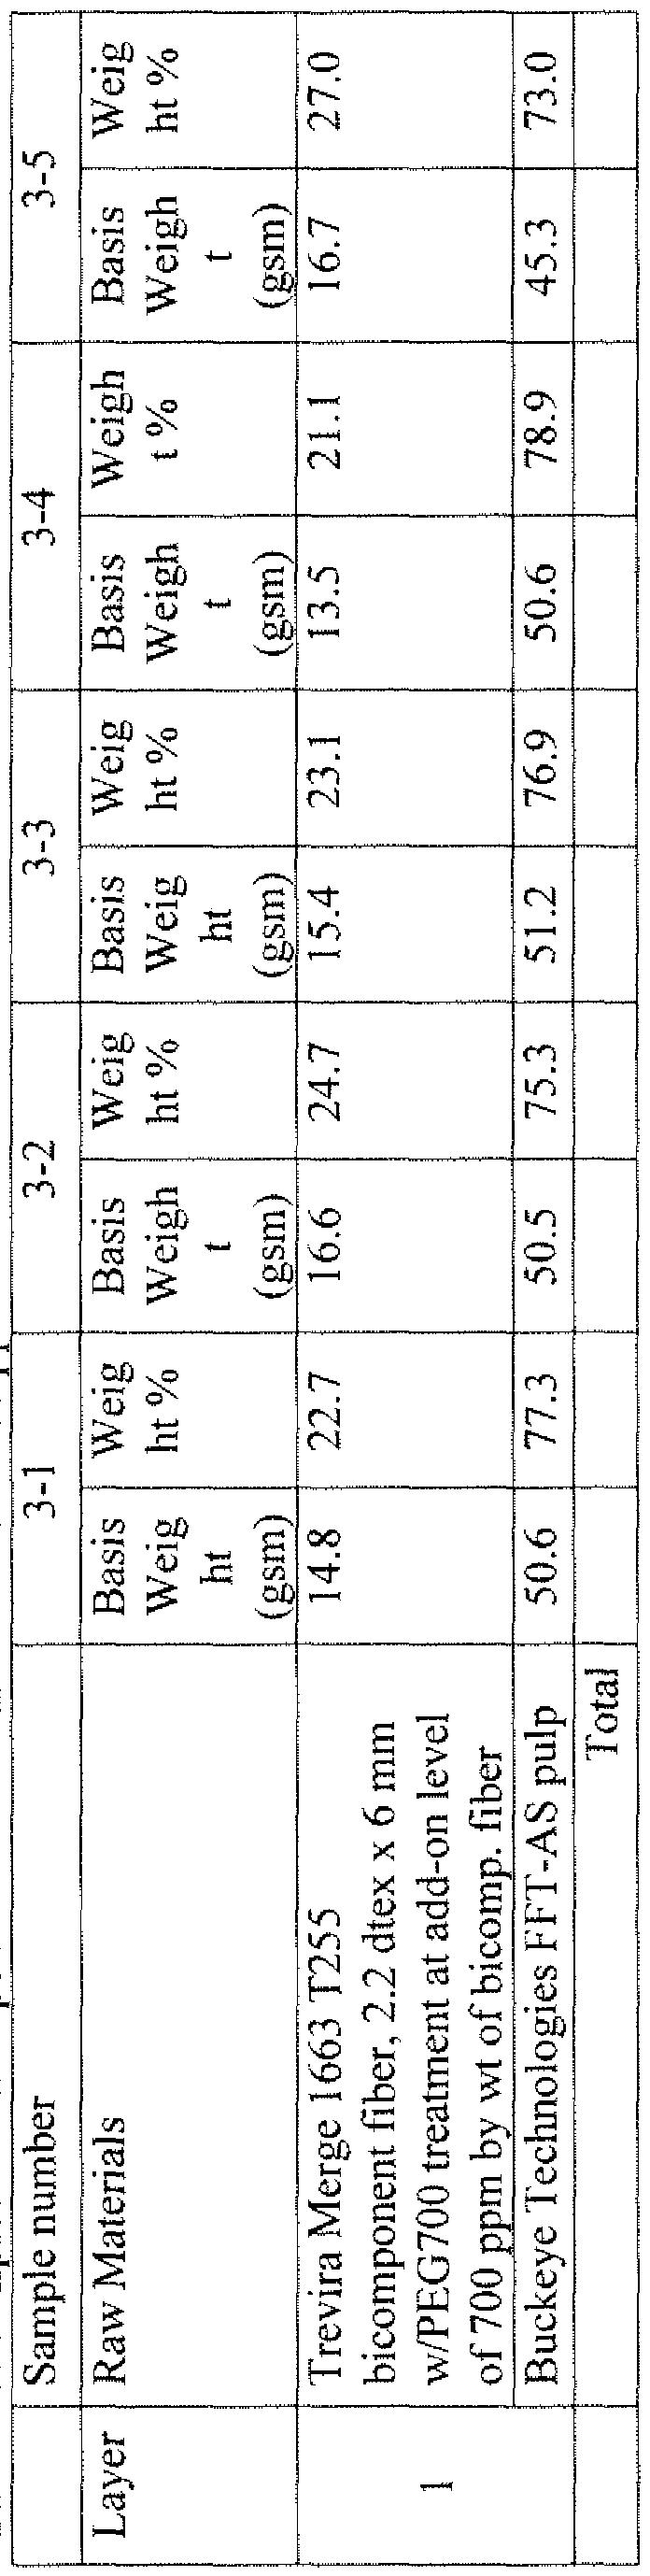 medium resolution of figure imgf000080 0001